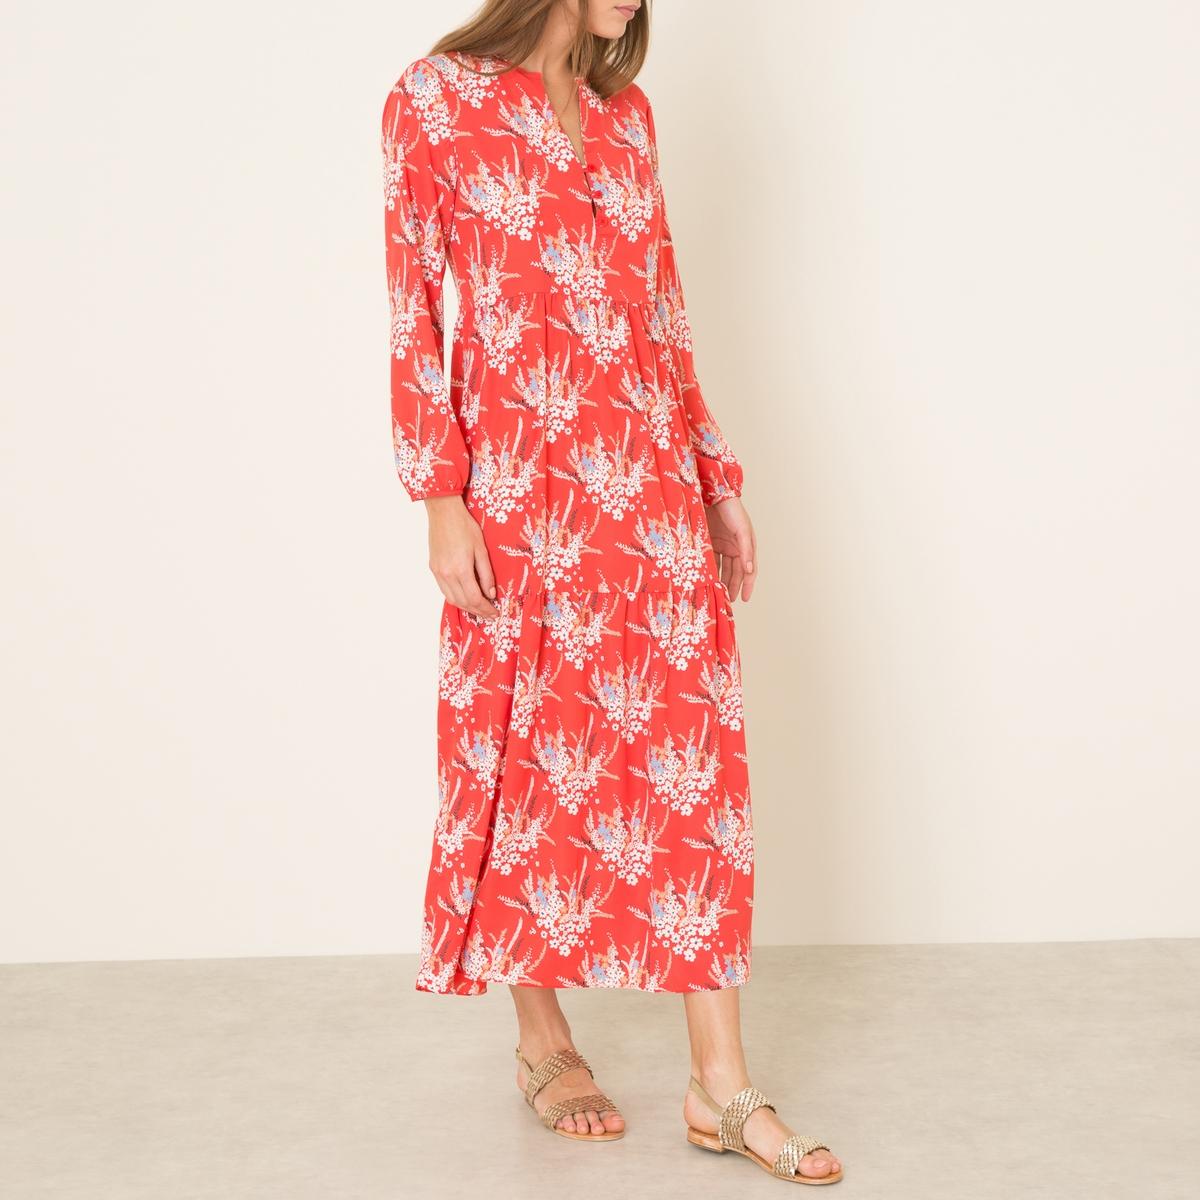 Платье GAUGUINСостав и описание    Материал : 100% полиэстер   Длина : ок. 135 см. для размера 36   Марка : LA BRAND BOUTIQUE<br><br>Цвет: красный<br>Размер: XS